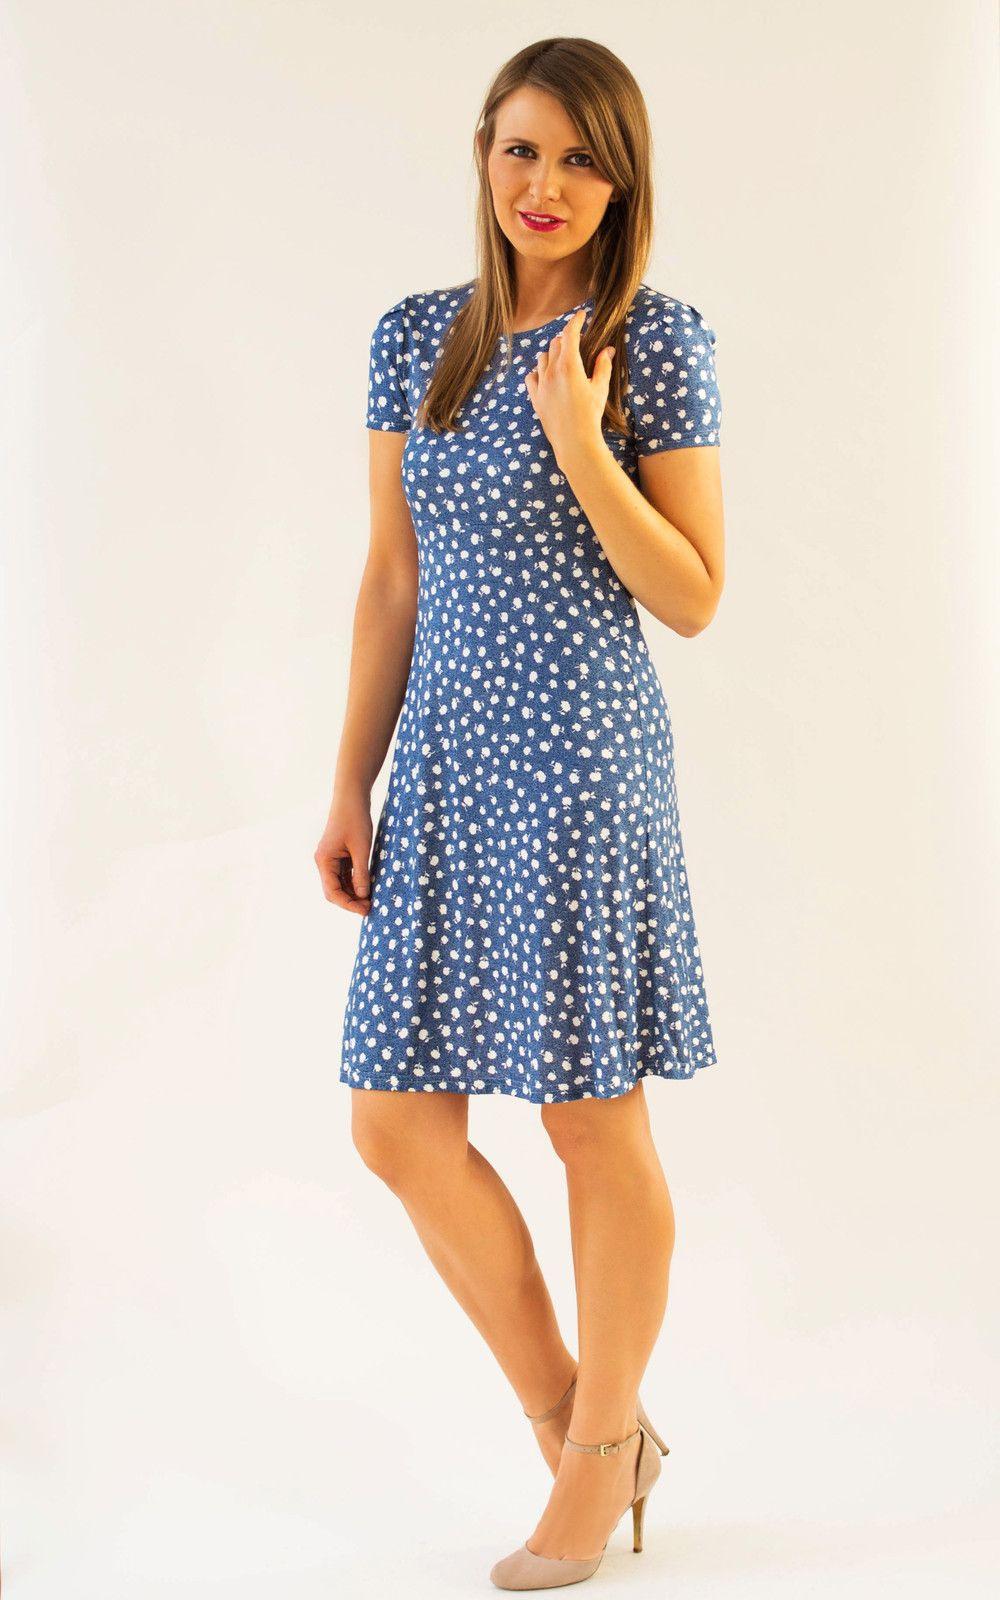 Knielange Kleider  Kleid Ava Millefleur  Ein